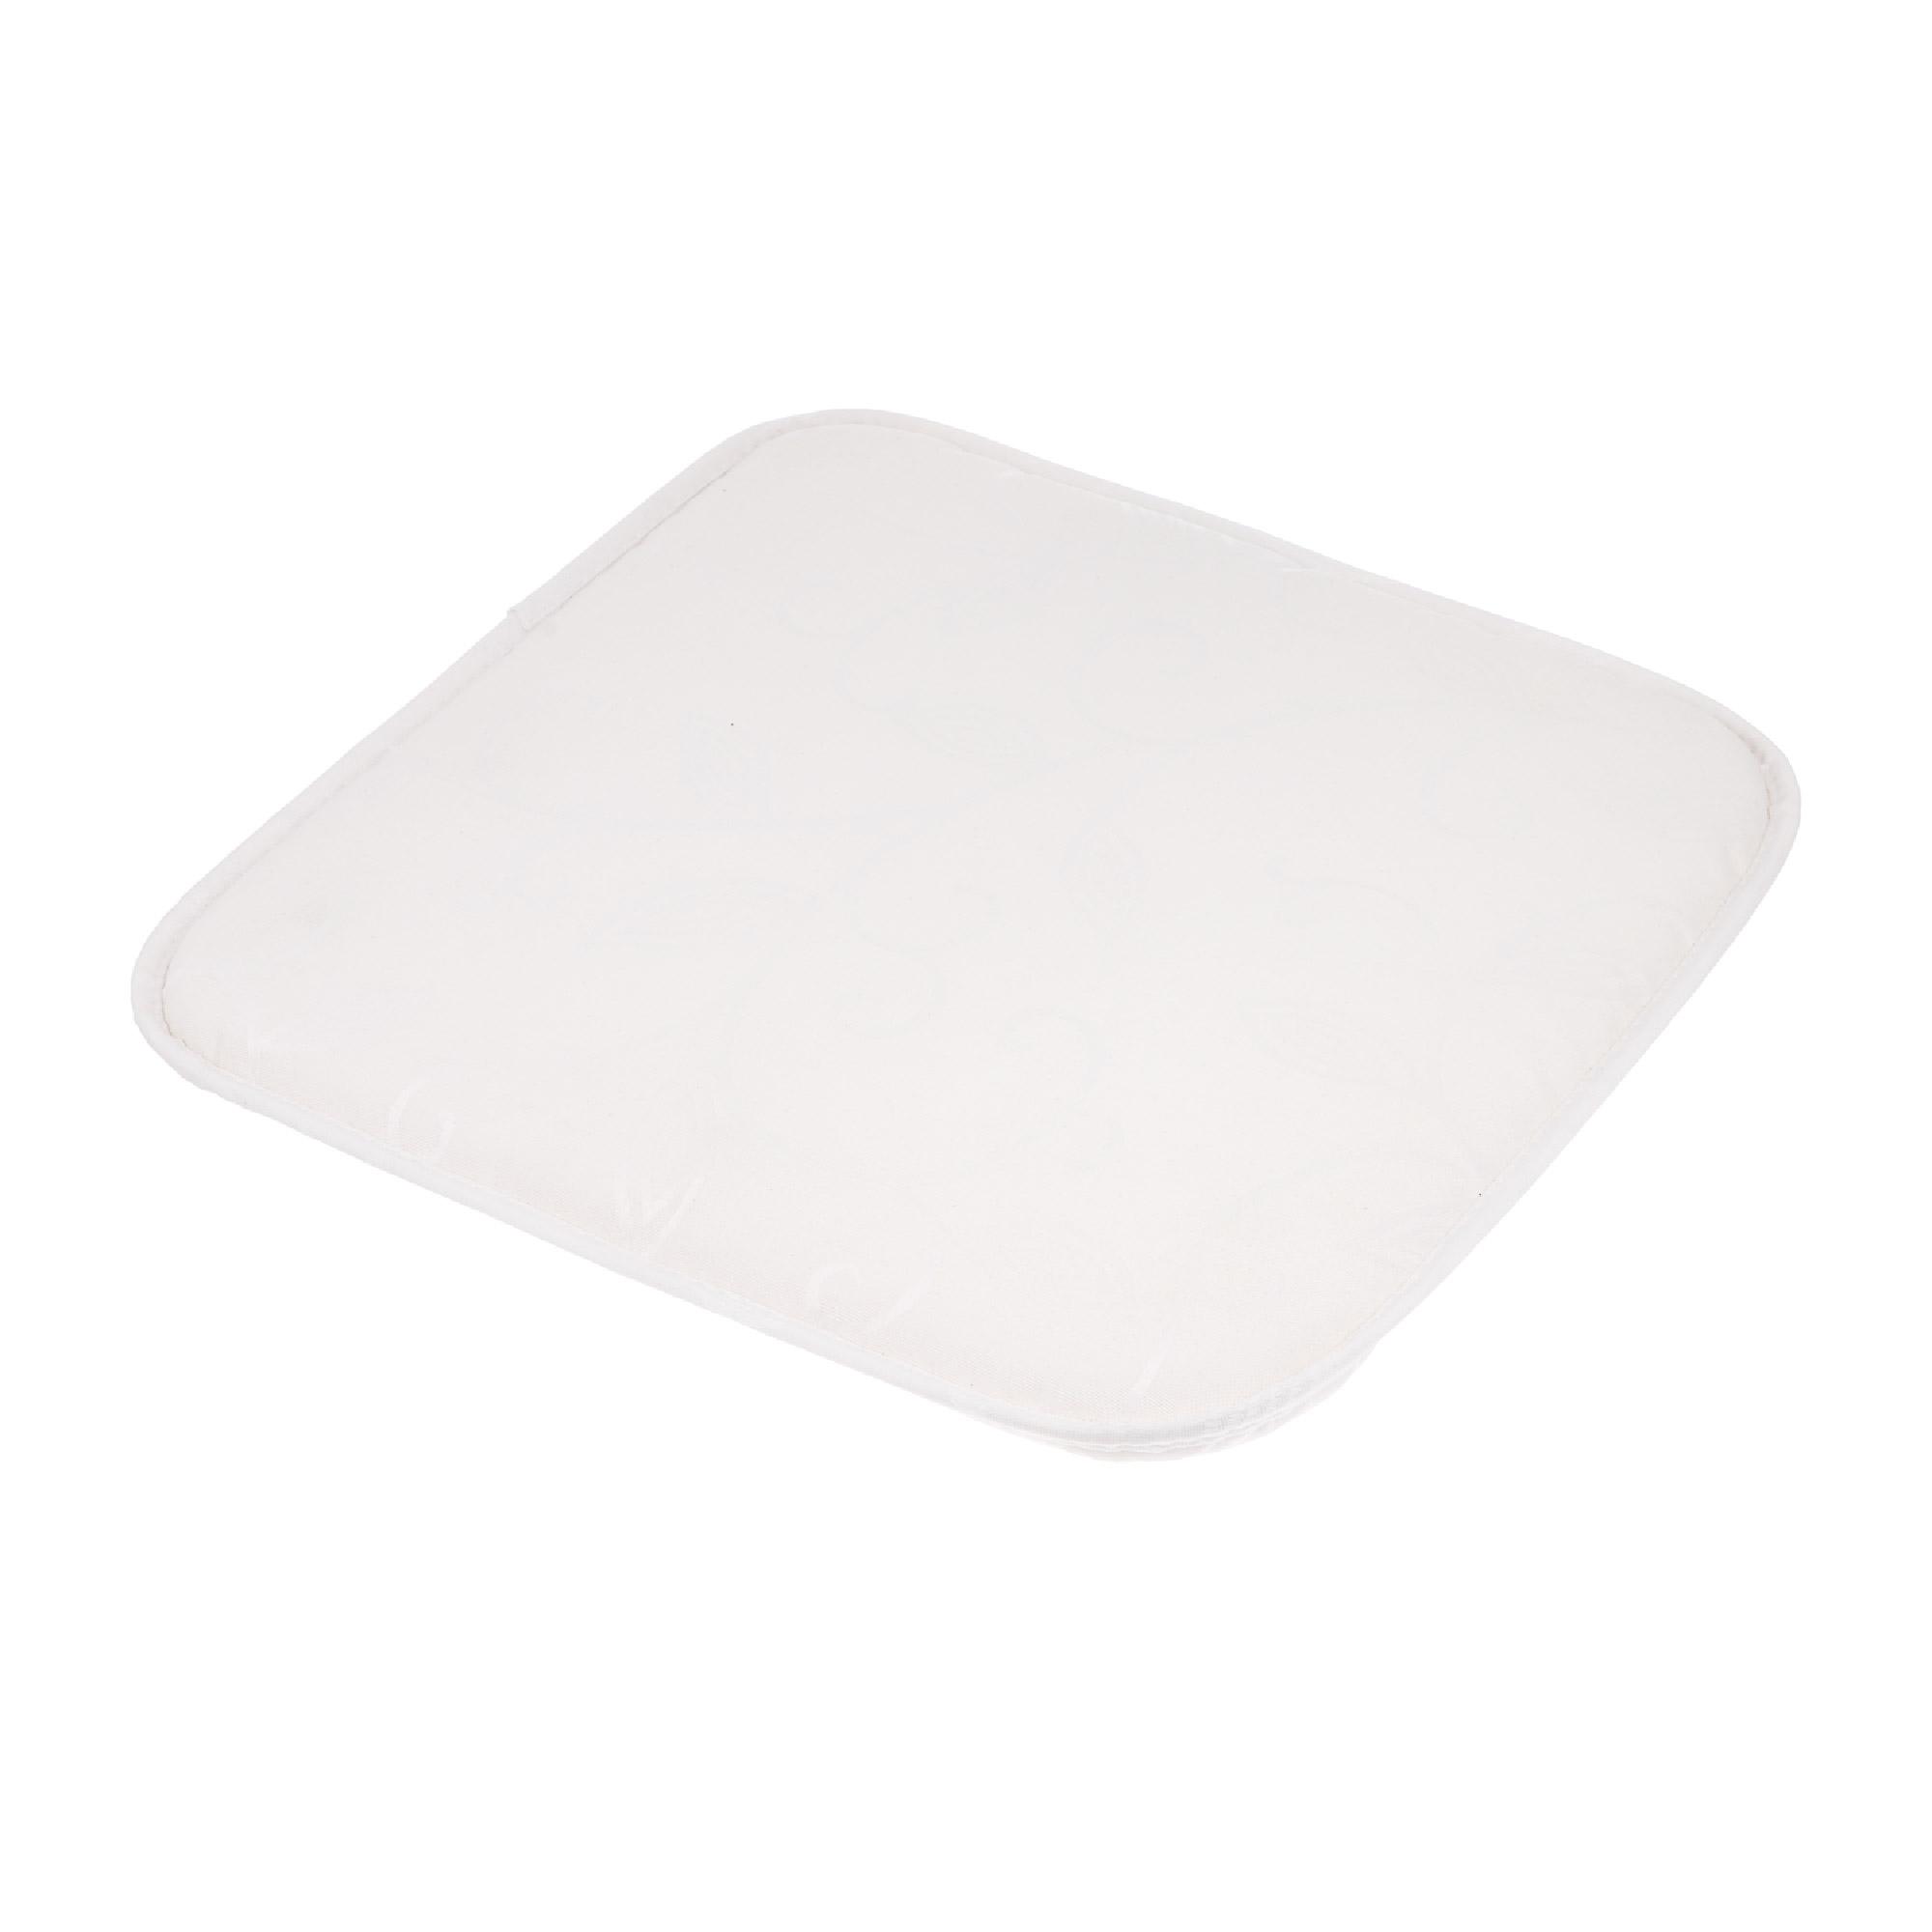 Купить Подушка для стула Gemitex ramage белая 39x39x3.5 (510846), Италия, белый, 100% полиэстер с акриловой пропиткой, внутри 100% полиуретан